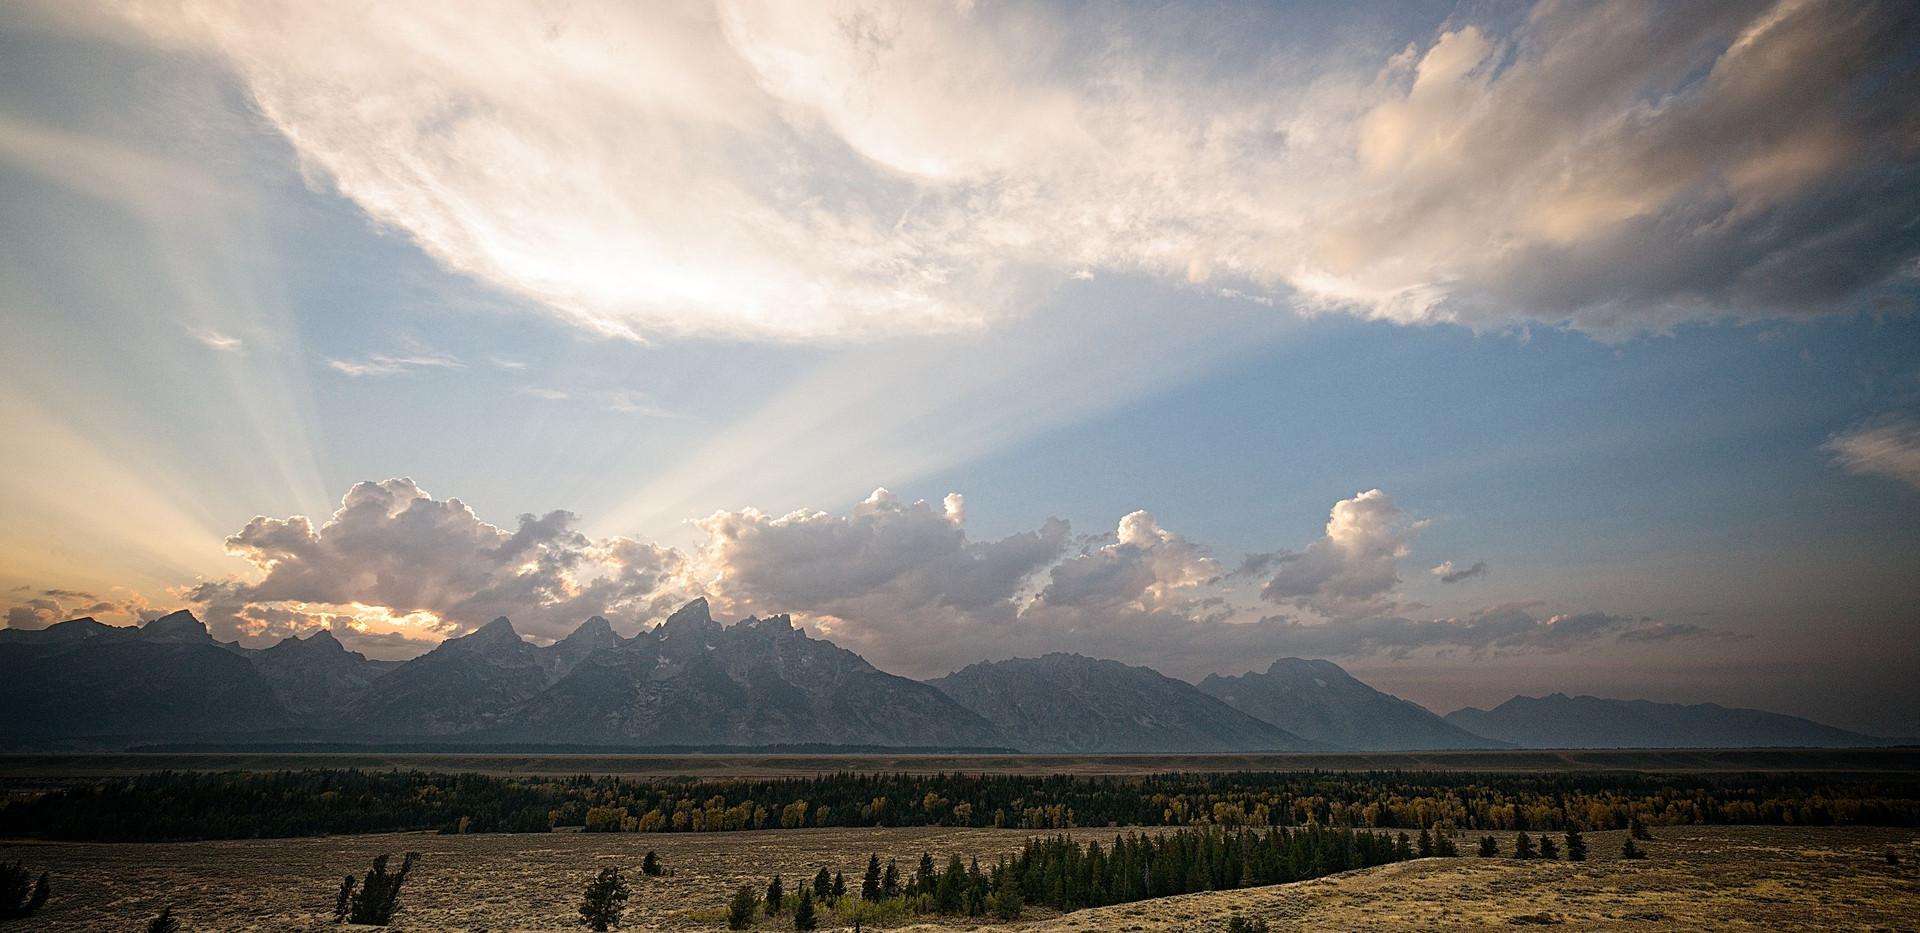 Sunset Mountain Ridge